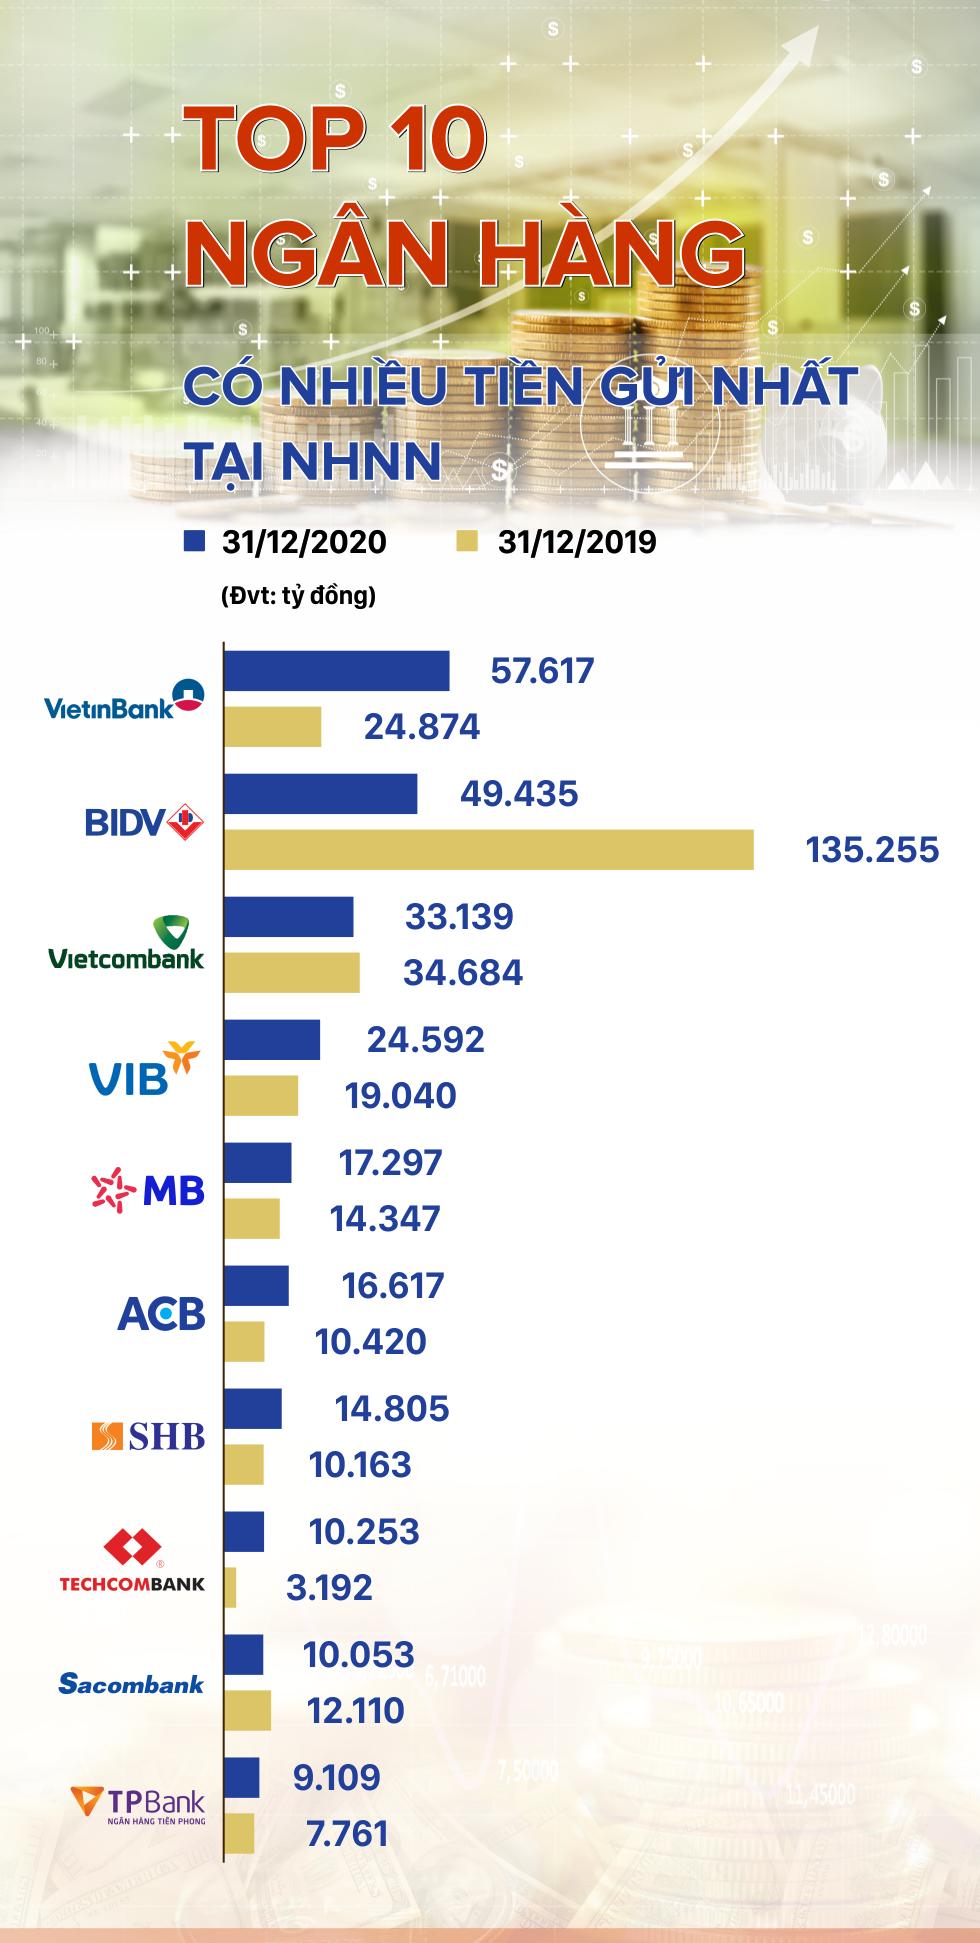 TOP 10 ngân hàng có nhiều tiền gửi nhất tại NHNN - Ảnh 1.